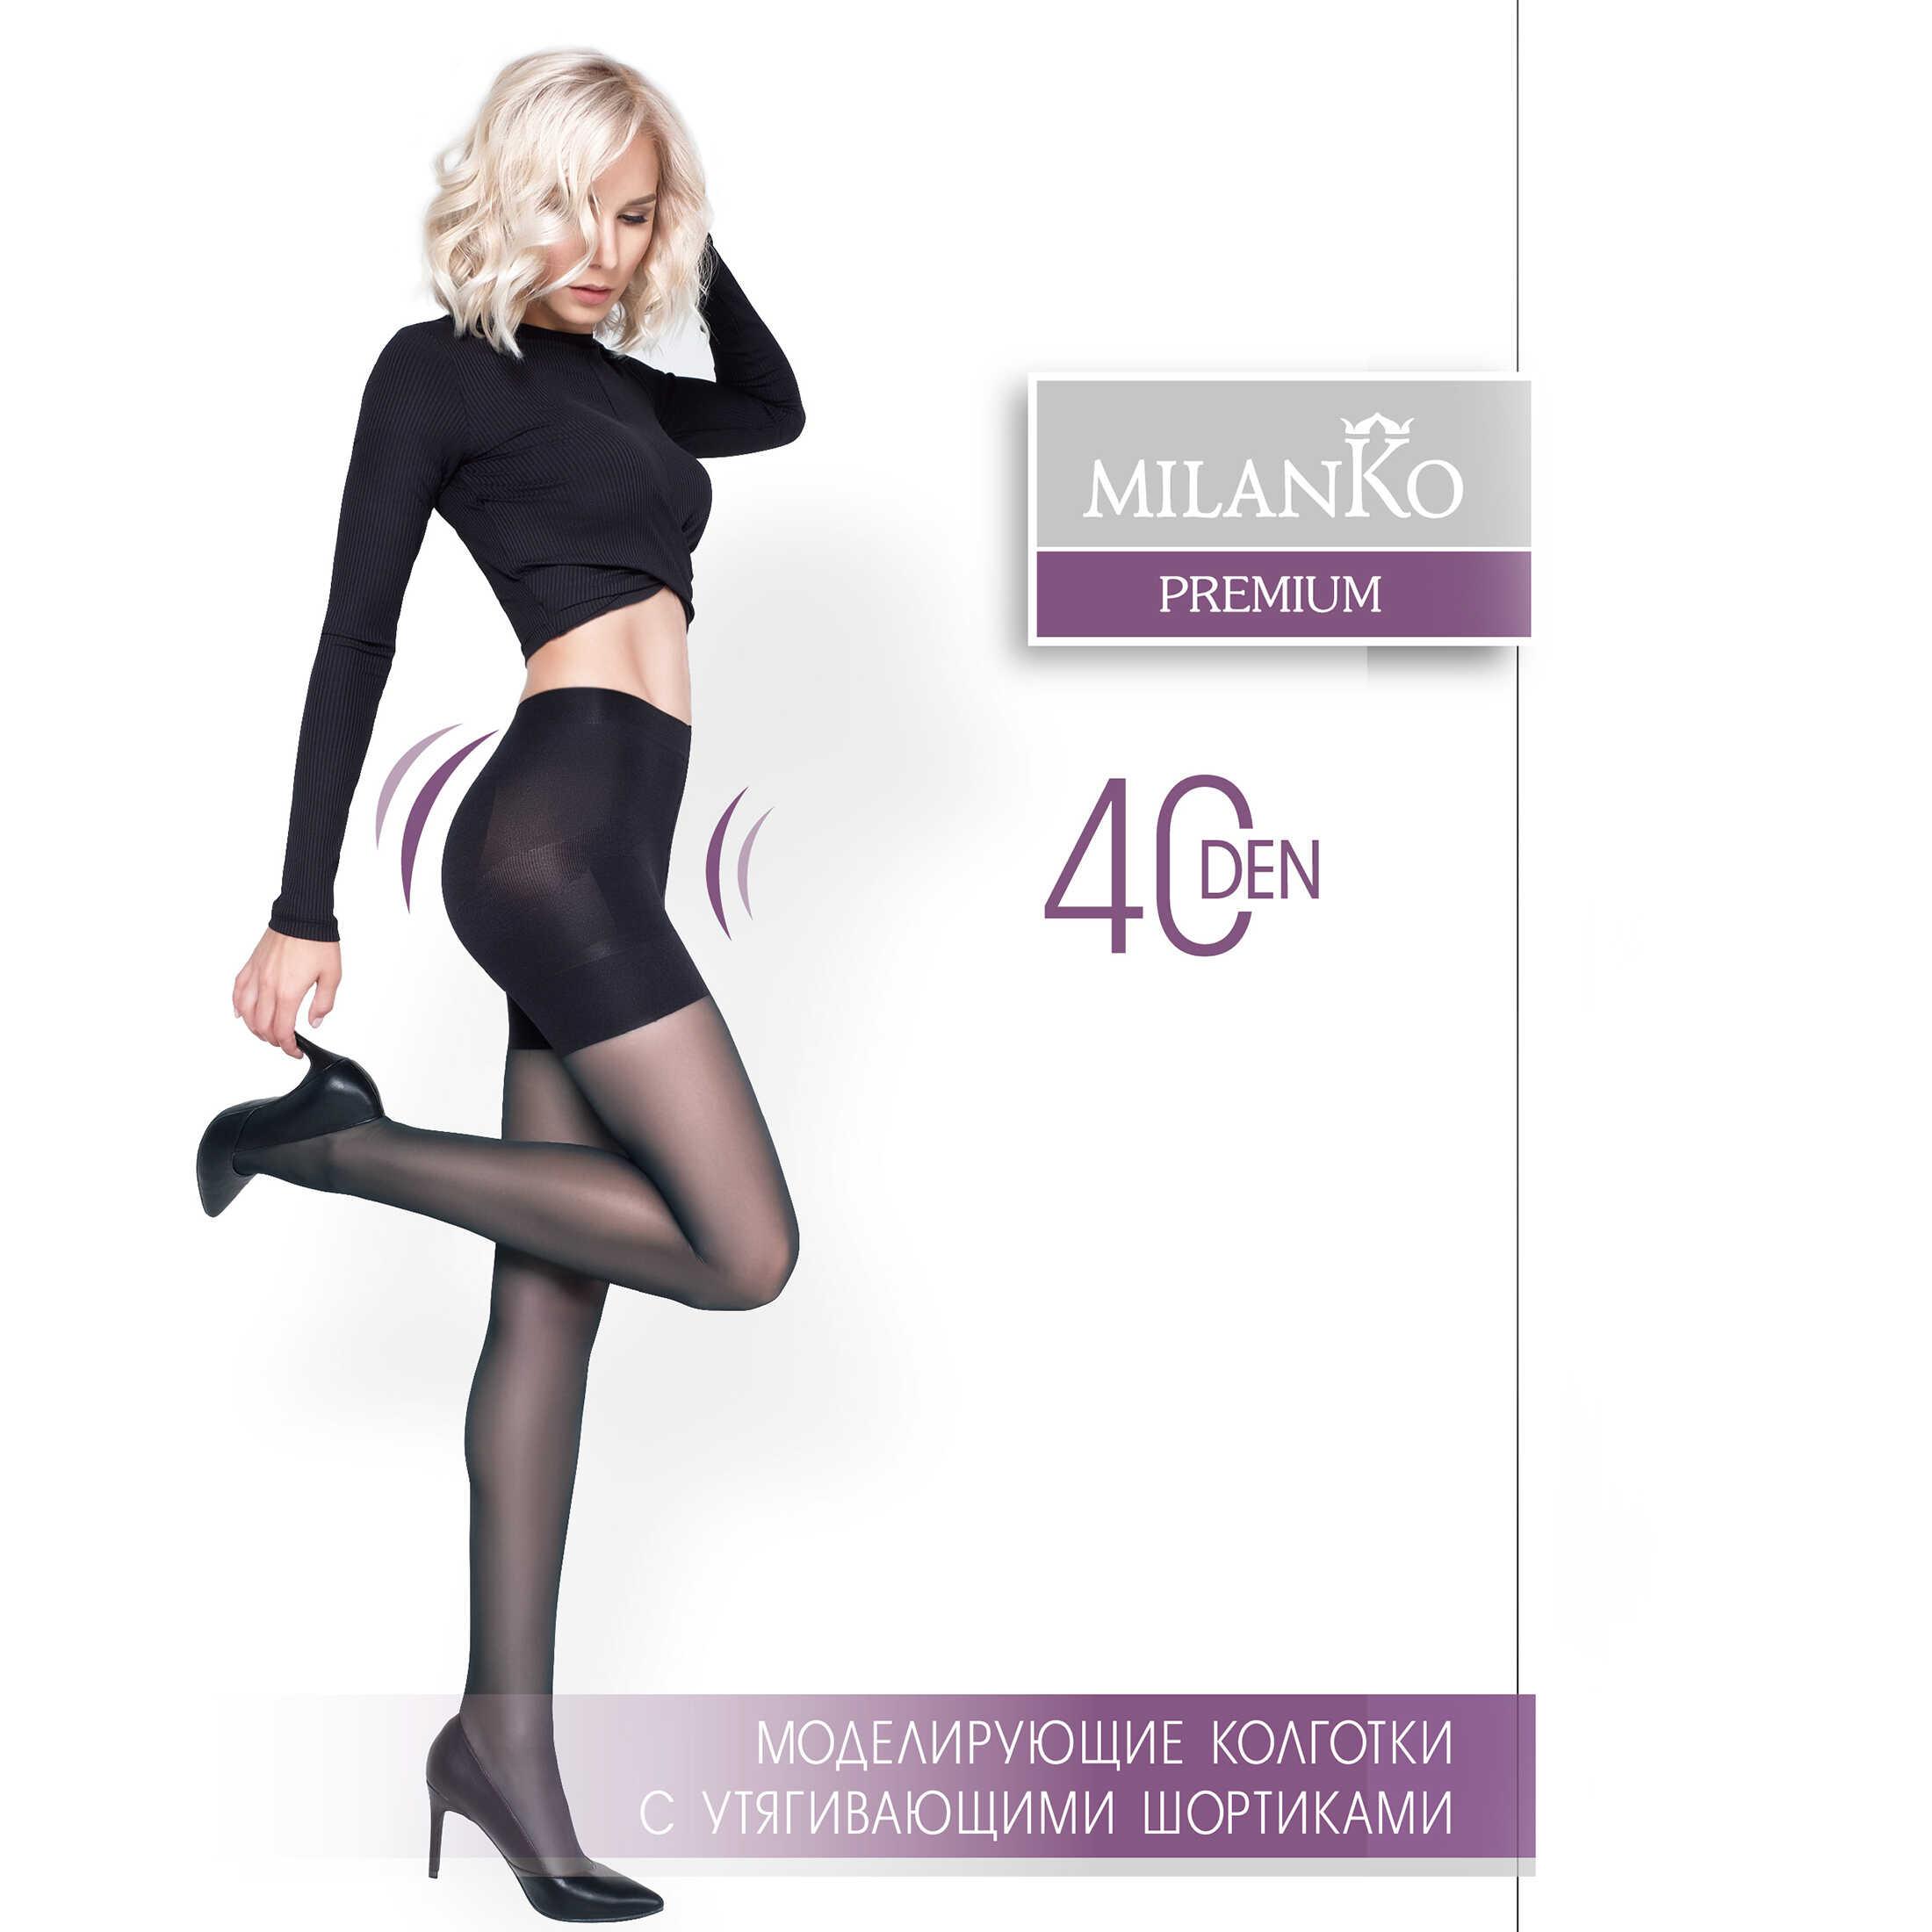 ЧЕРНЫЕ Женские колготки 40 DEN с утягивающими шортиками MilanKo PH-480